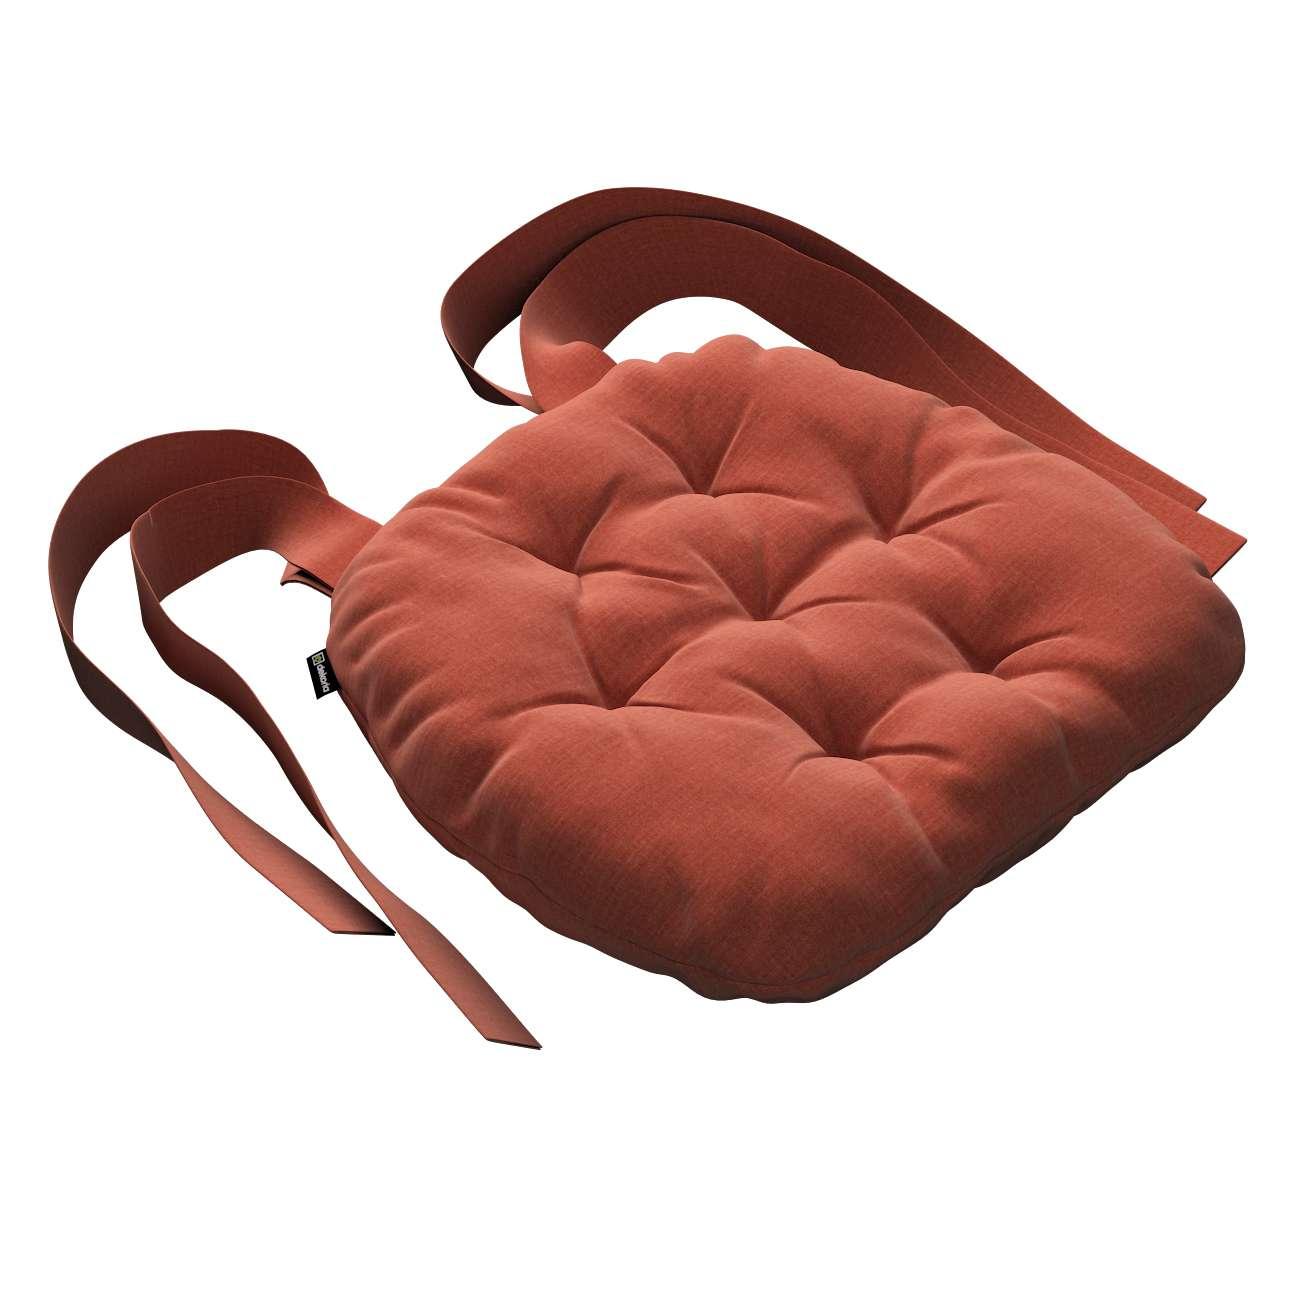 Siedzisko Marcin na krzesło w kolekcji Ingrid, tkanina: 705-37